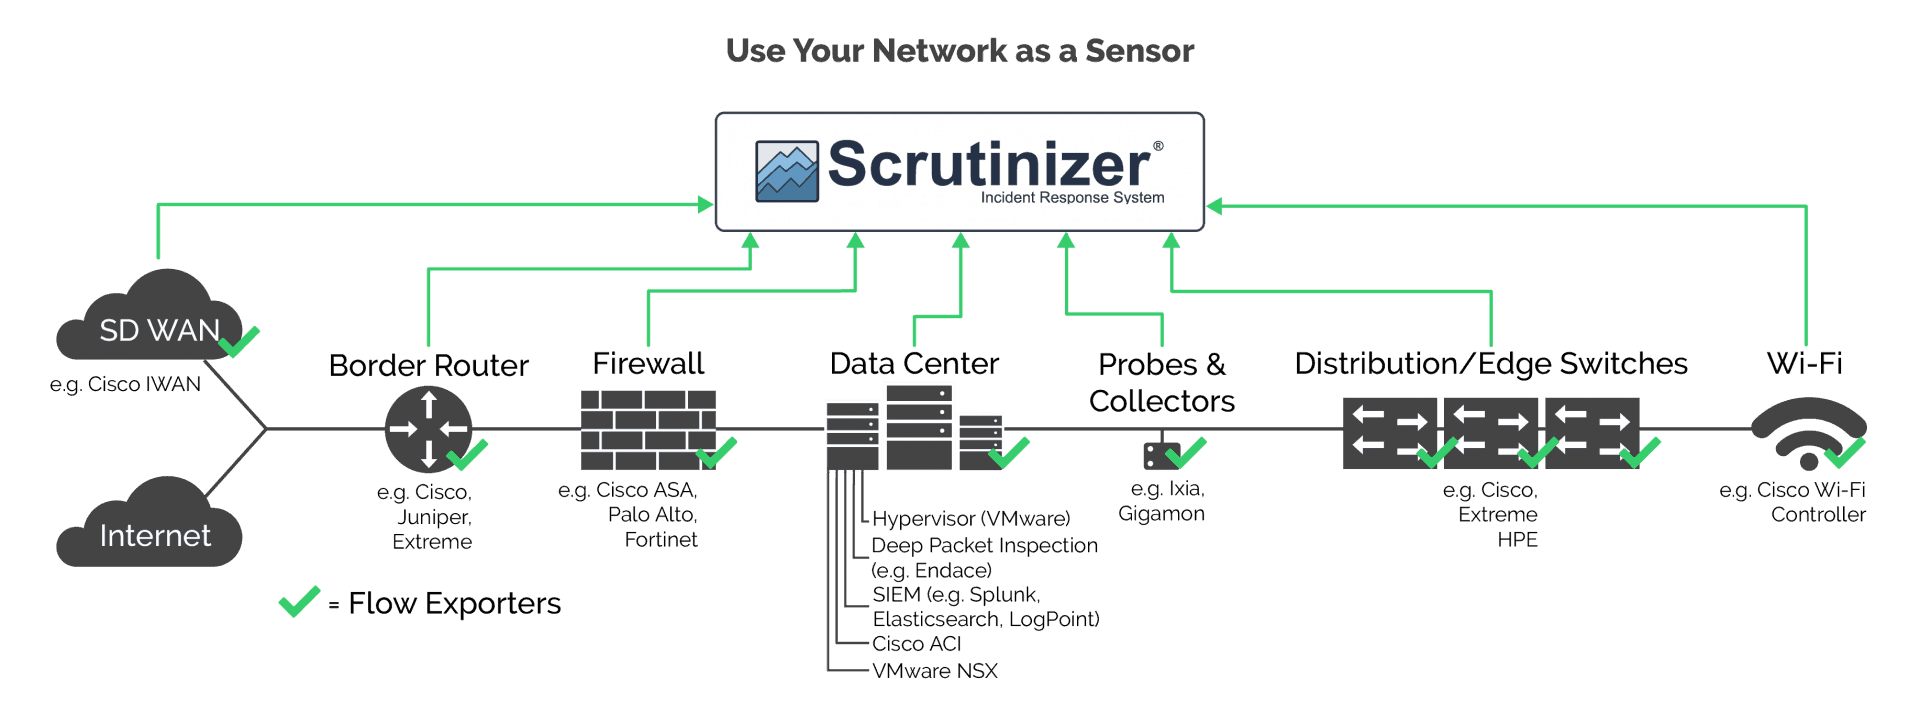 Scrutinizer Architecture